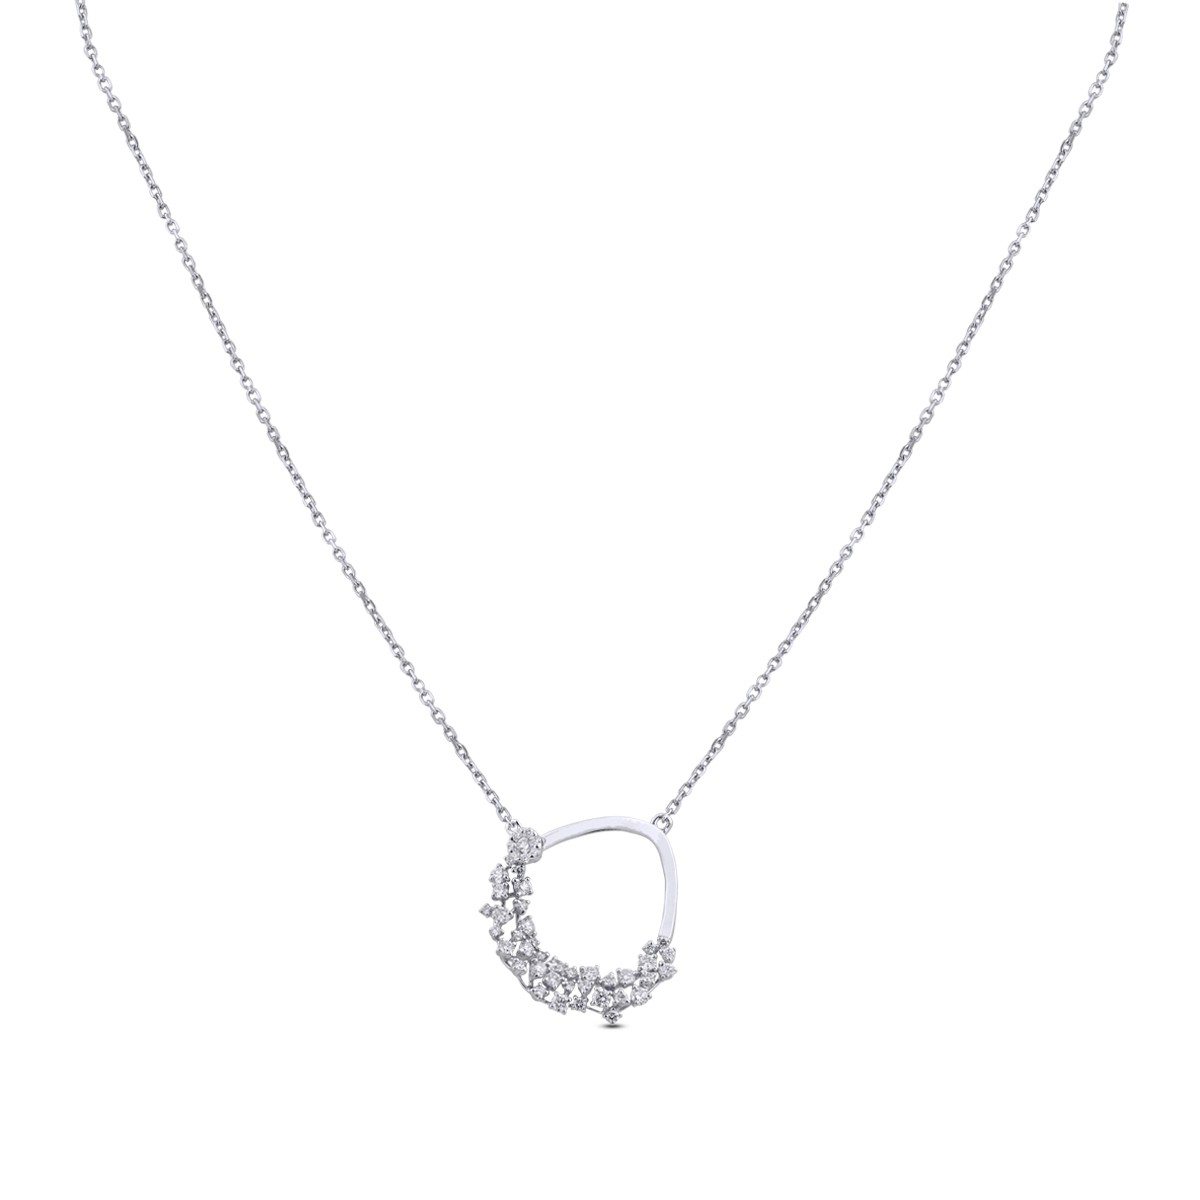 Cecil Diamond & White Gold Pendant with Chain